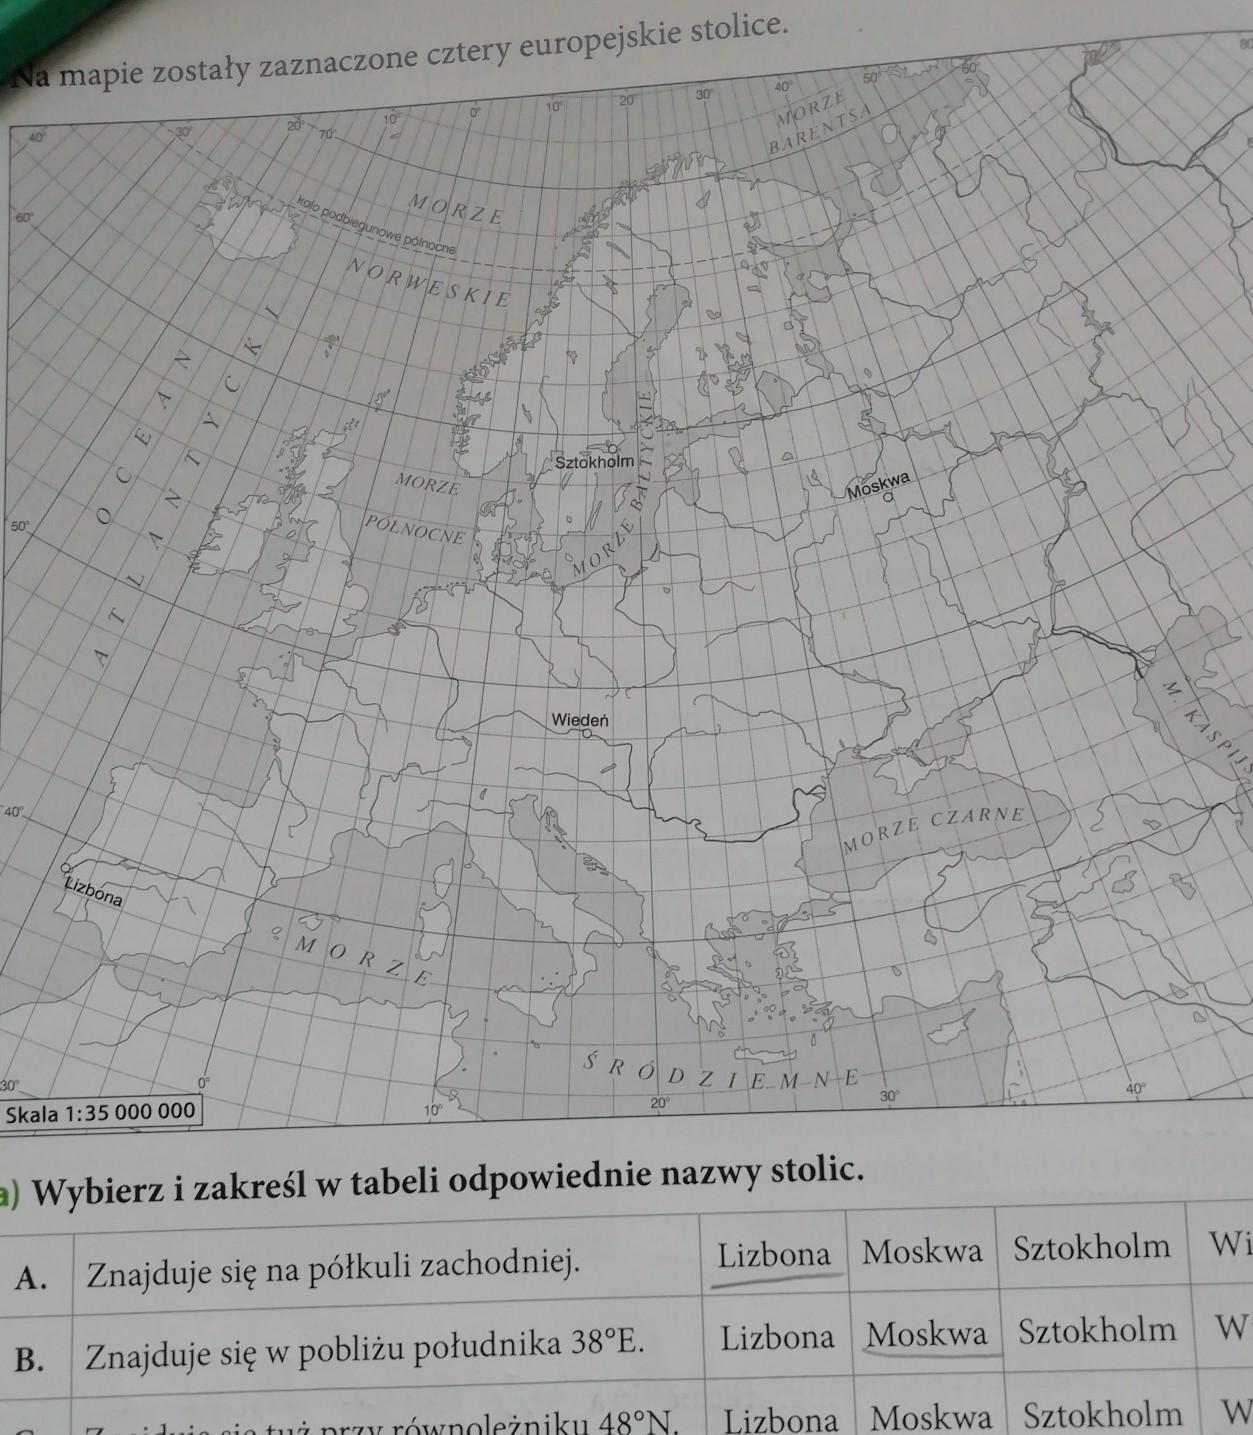 Zaznacz Na Mapie Polozenie Trzech Stolic Ktorych Wspolrzedne